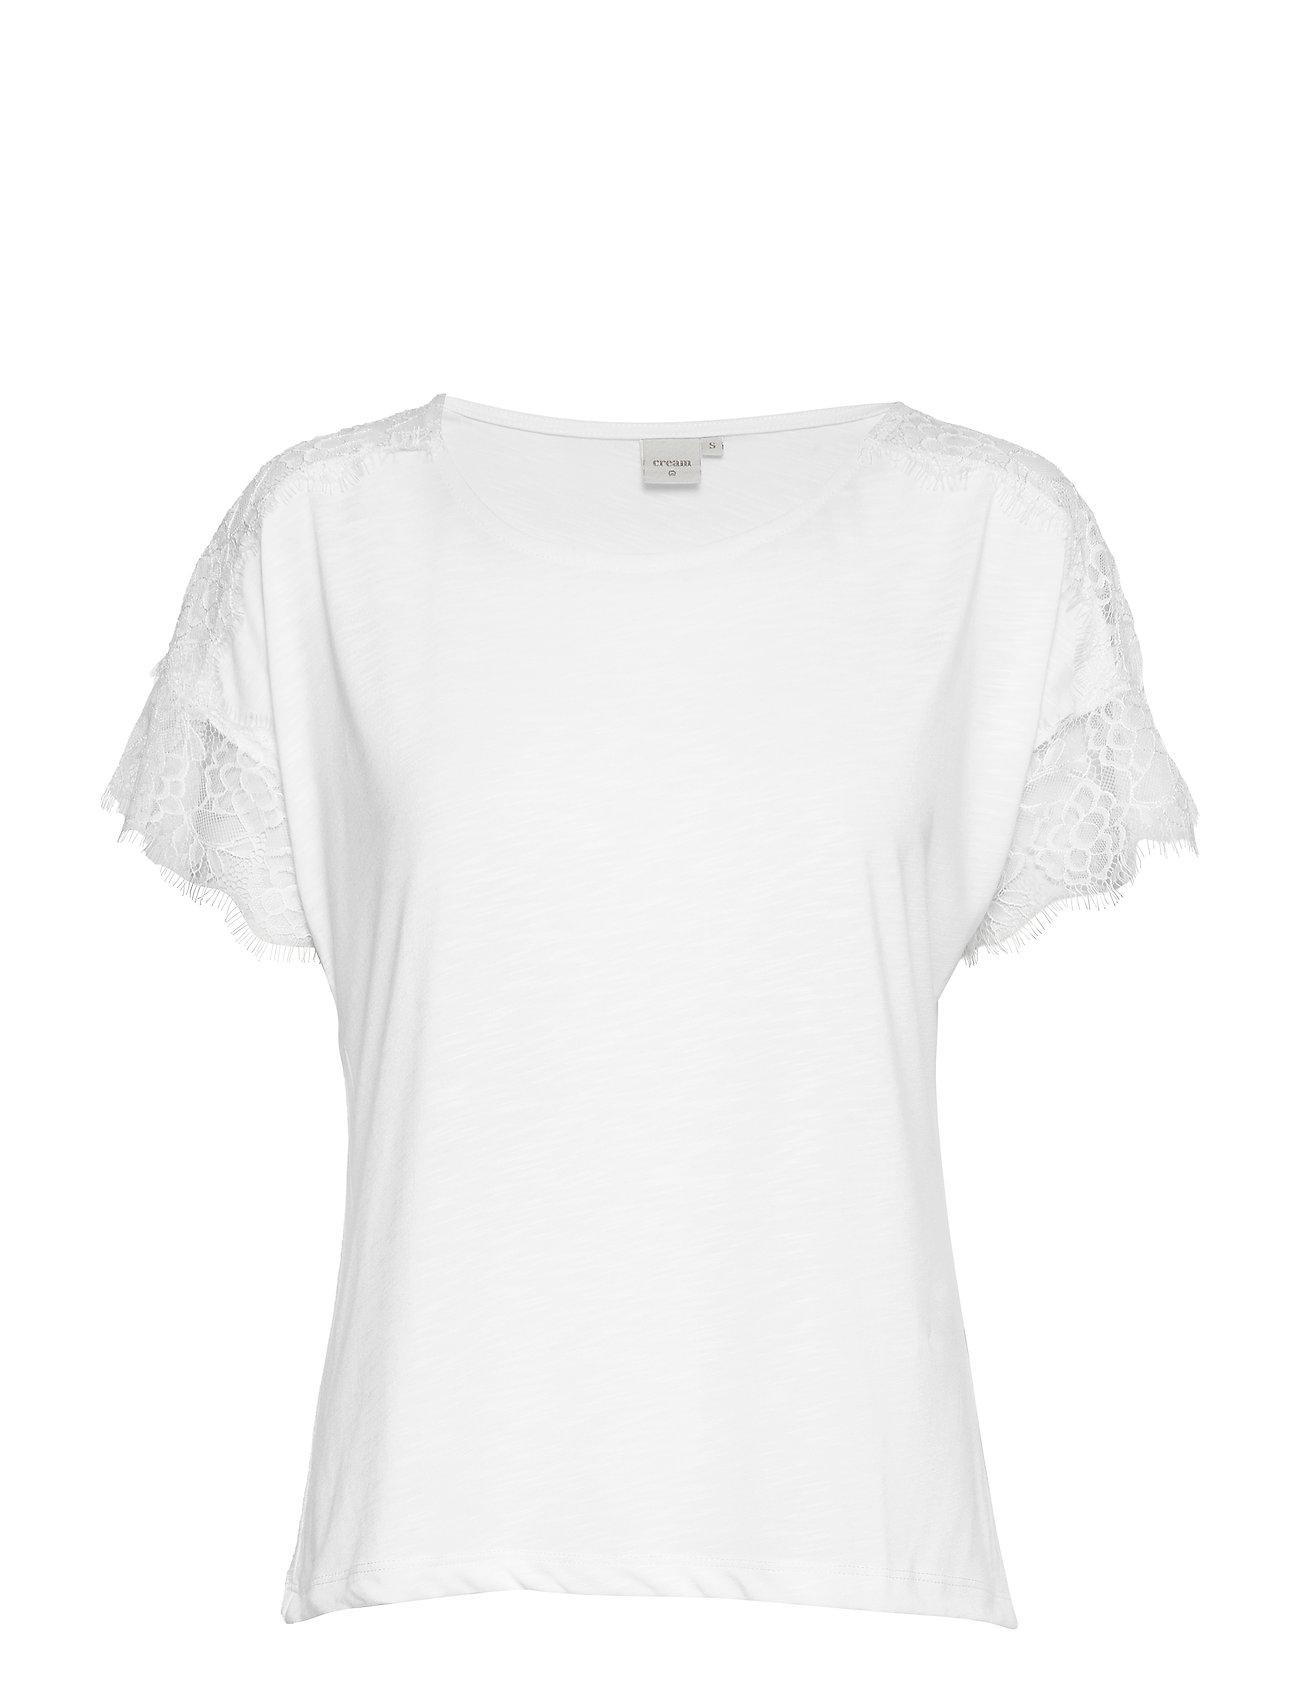 Cream Paulina Tshirt - CHALK